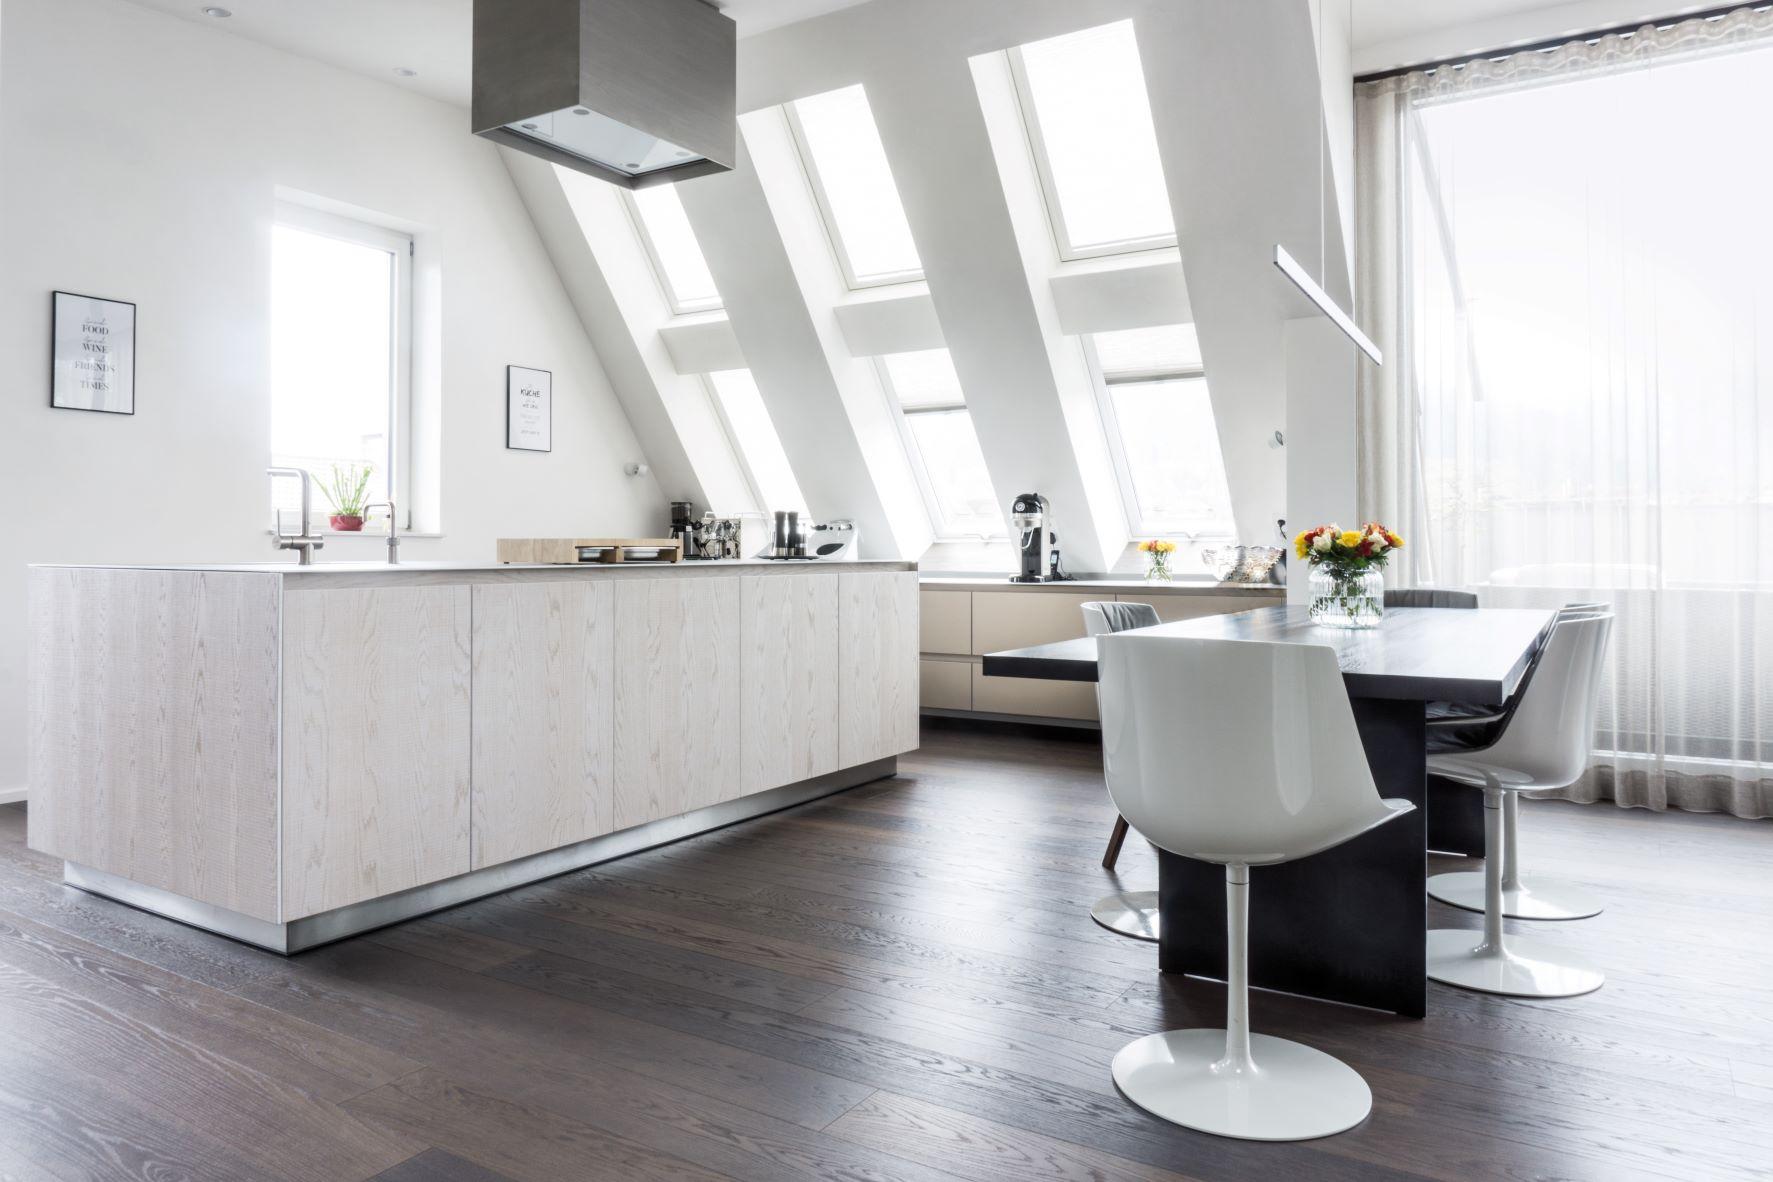 Aufregendes Loft, beeindruckende Küchenplanung: in unserer Fotogalerie zur Penthouse-Küche gilt es, solche planerischen Perlen zu entdecken. (Foto: Die Küche Marc Boehlkau, Freiburg, Foto: Andreas Schaps)